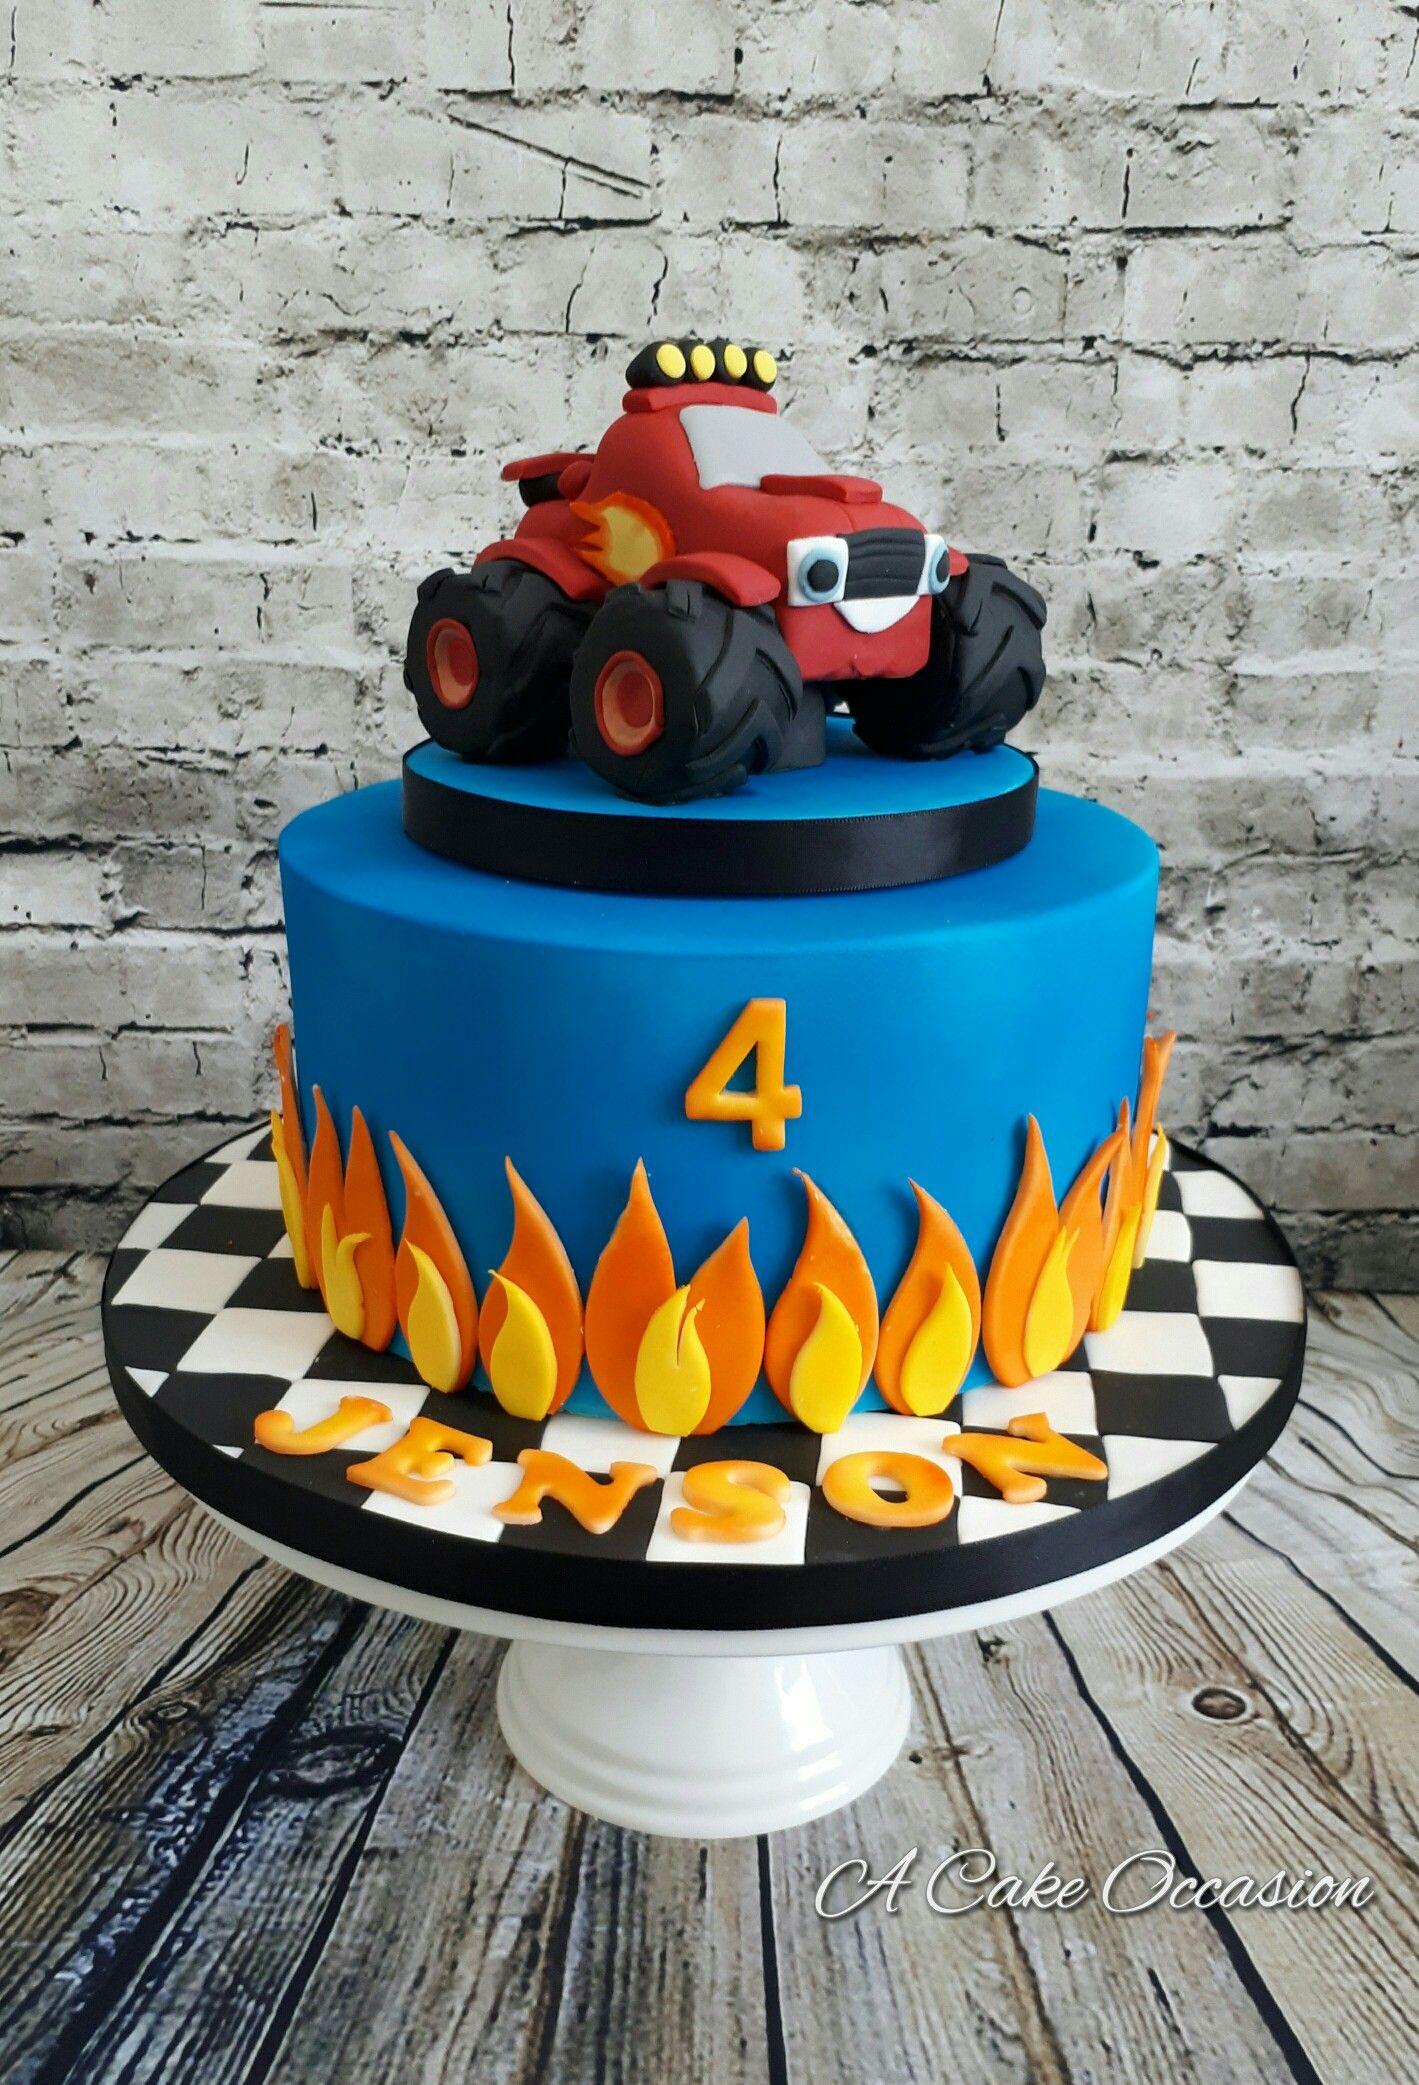 Blaze cake truck birthday cakes blaze birthday cake